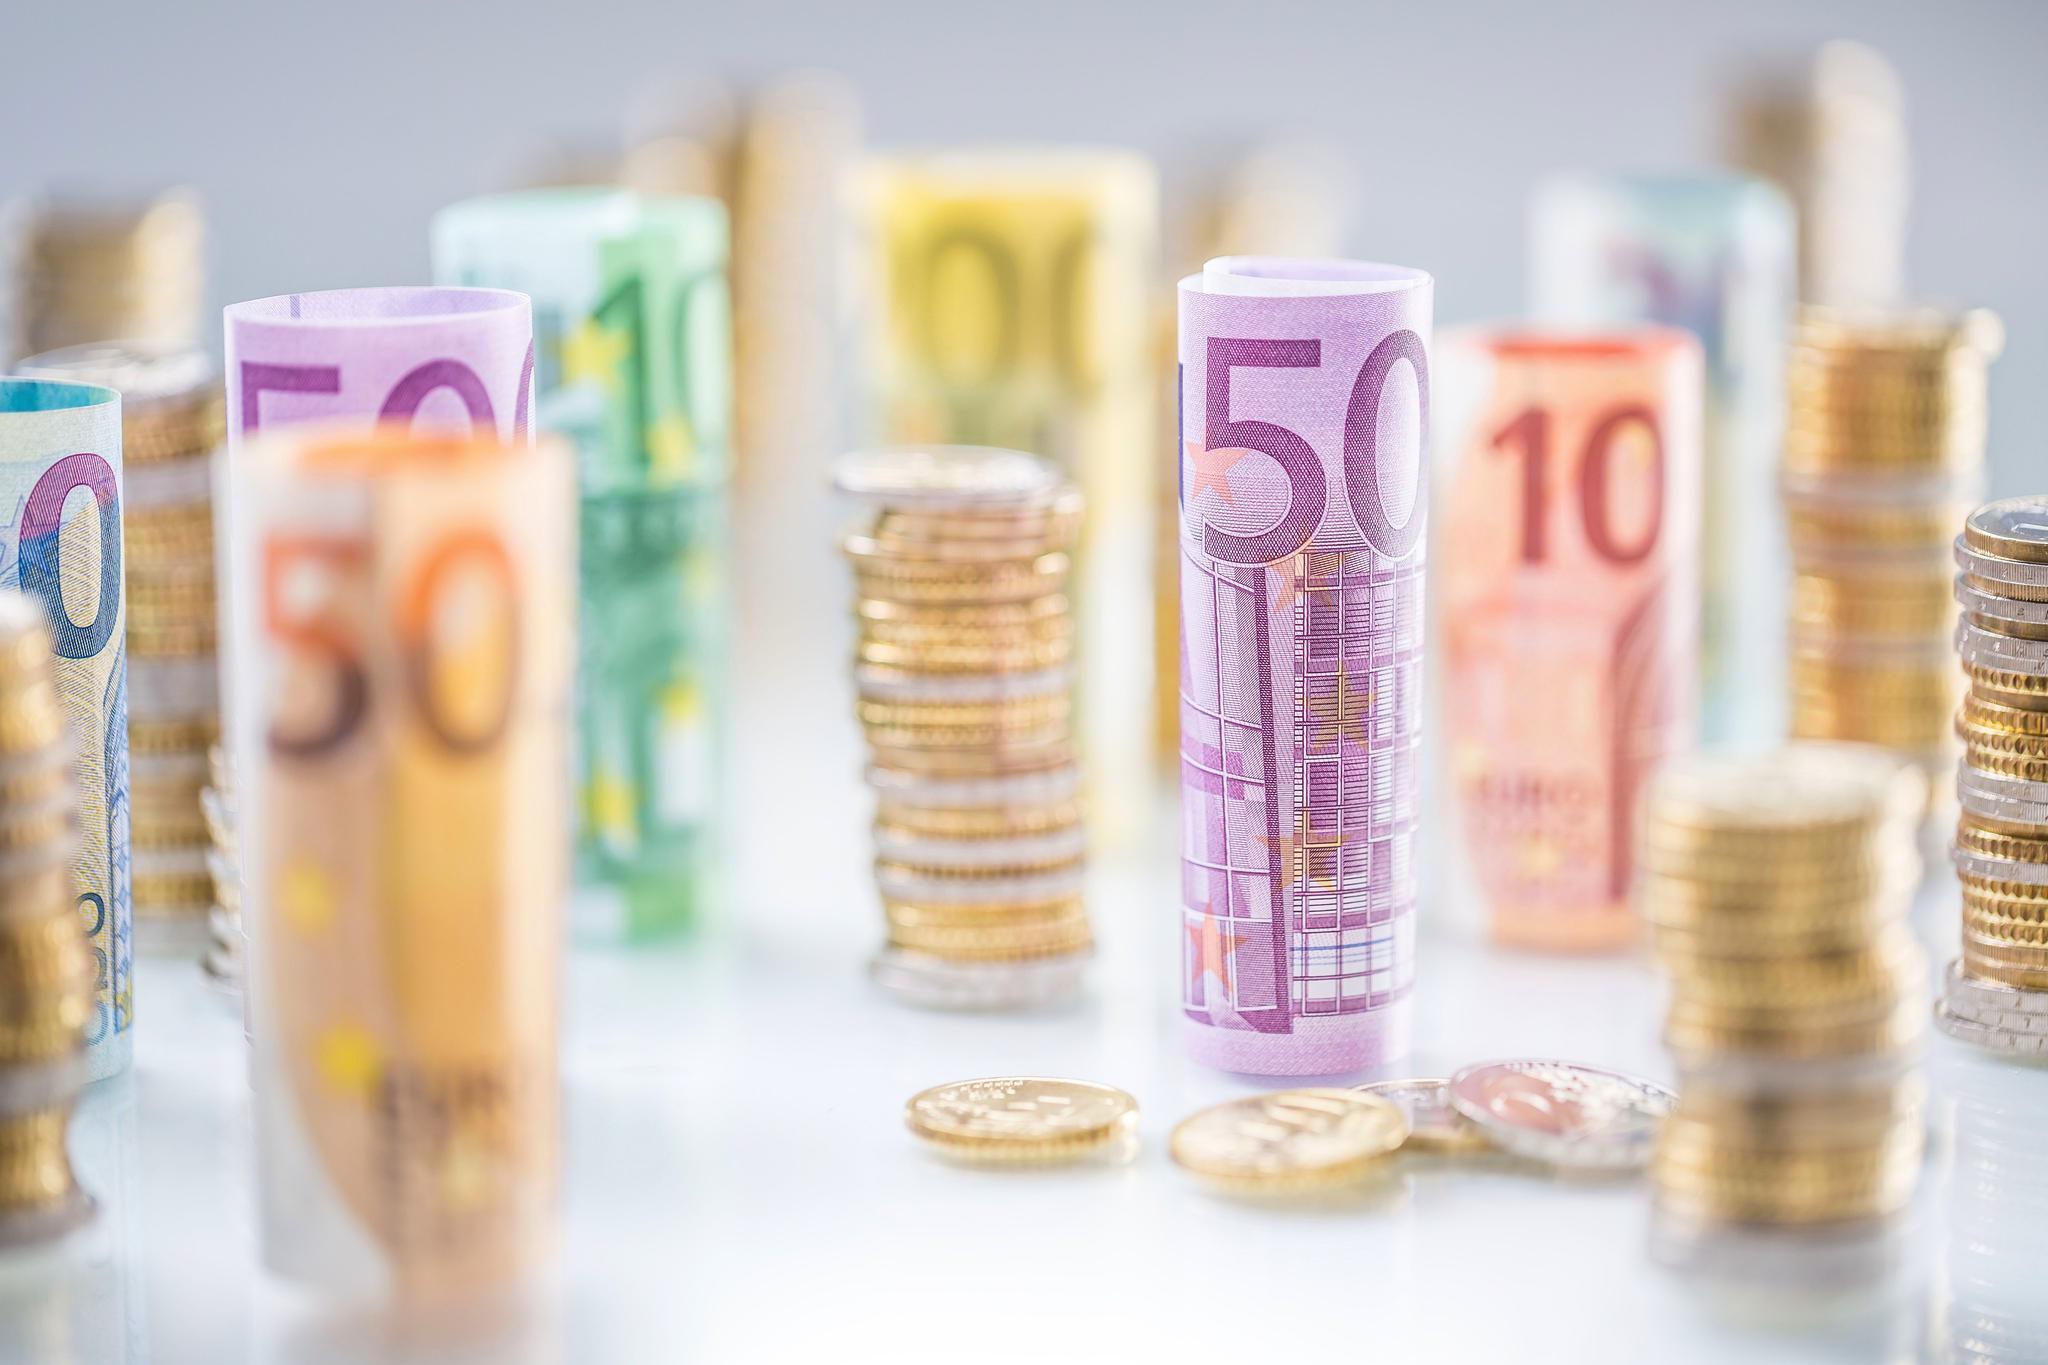 Gerollte Euroscheine und Euromünzen